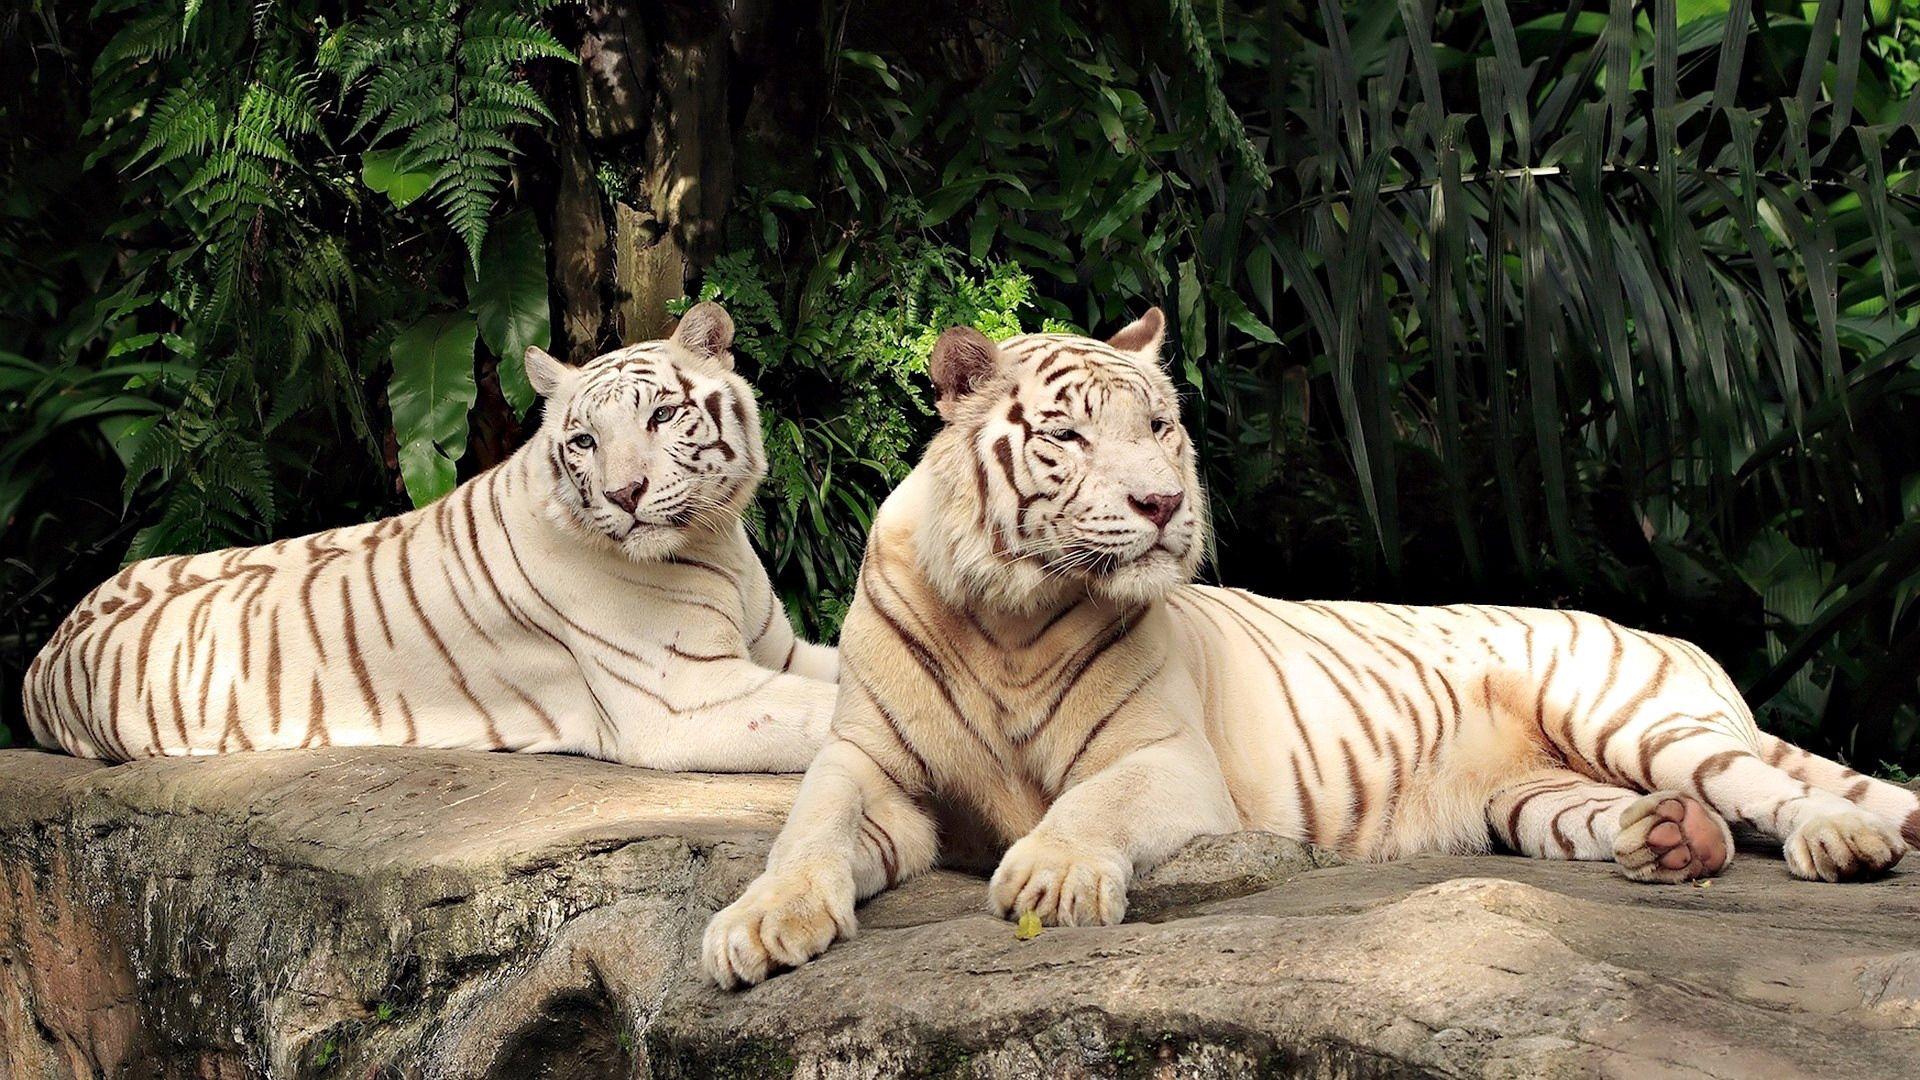 119351 Hintergrundbild herunterladen Tiere, Bäume, Tigers, Sich Hinlegen, Liegen, Albino, Raubtiere - Bildschirmschoner und Bilder kostenlos